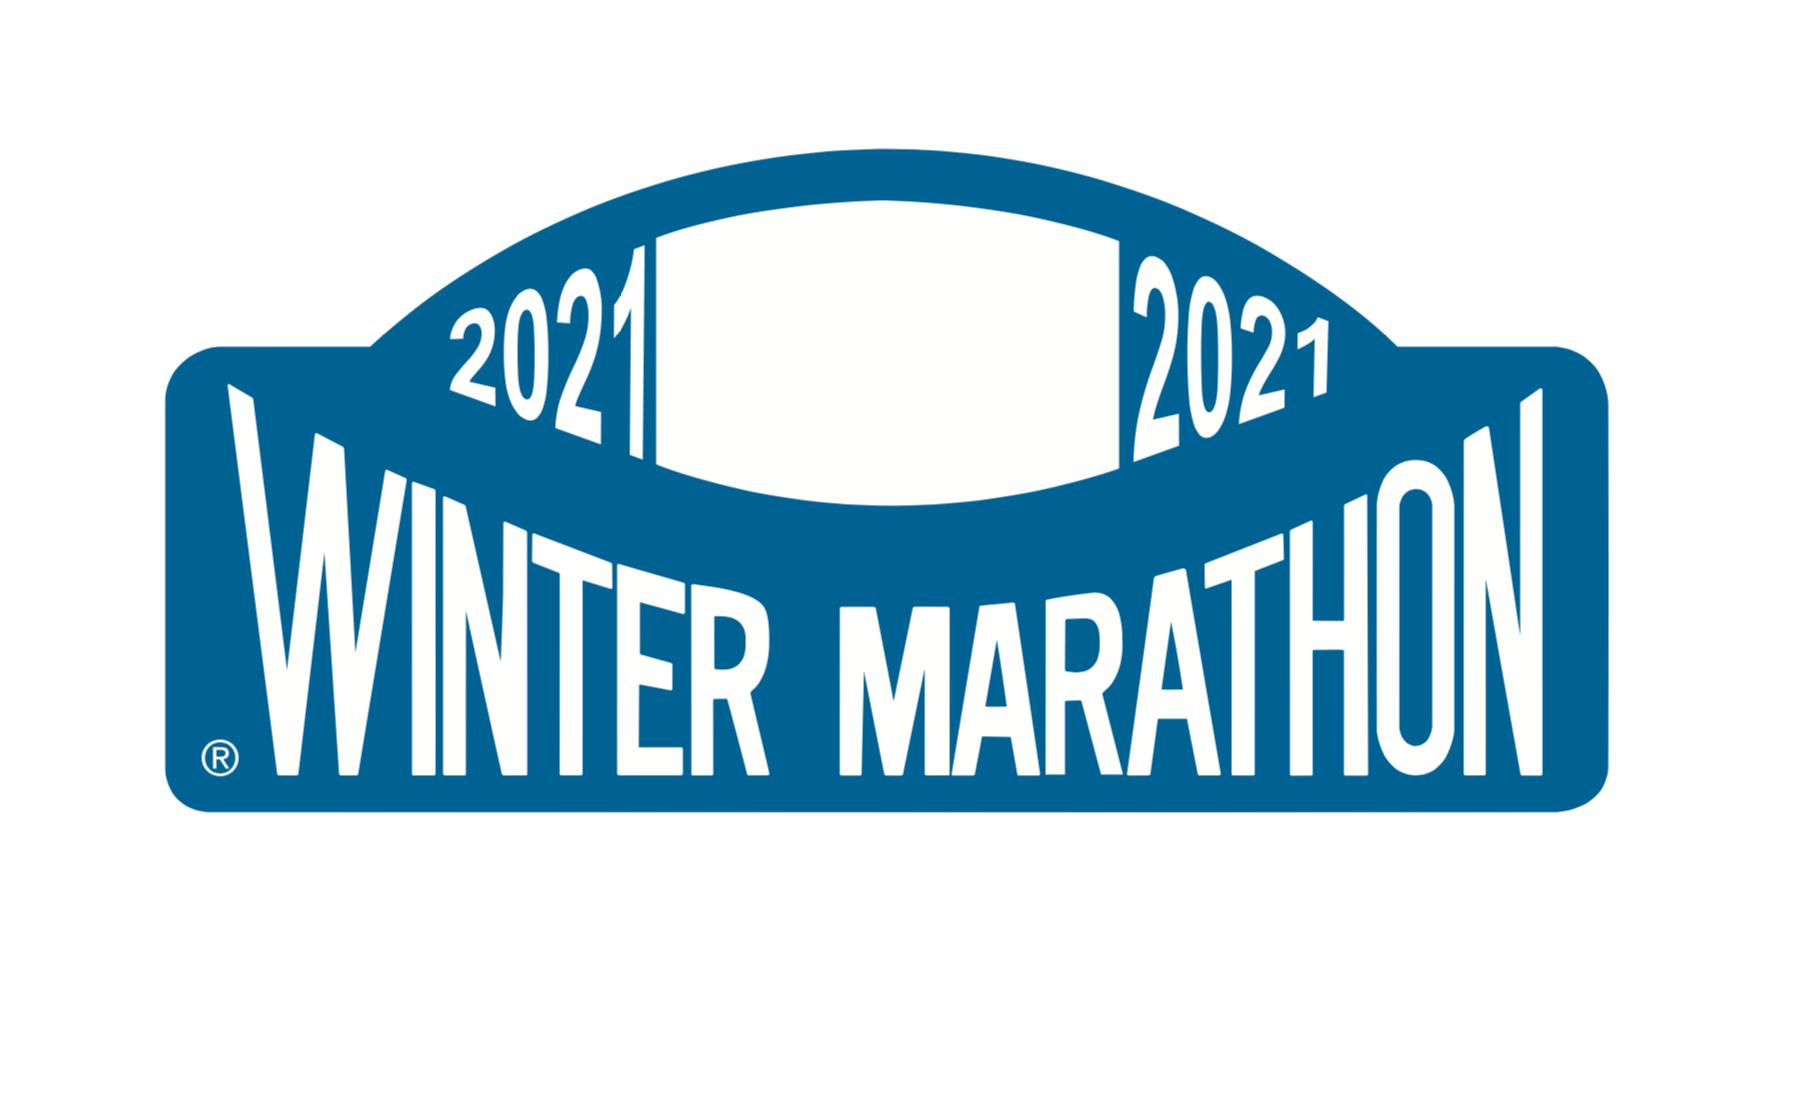 WINTER MARATHON 2021